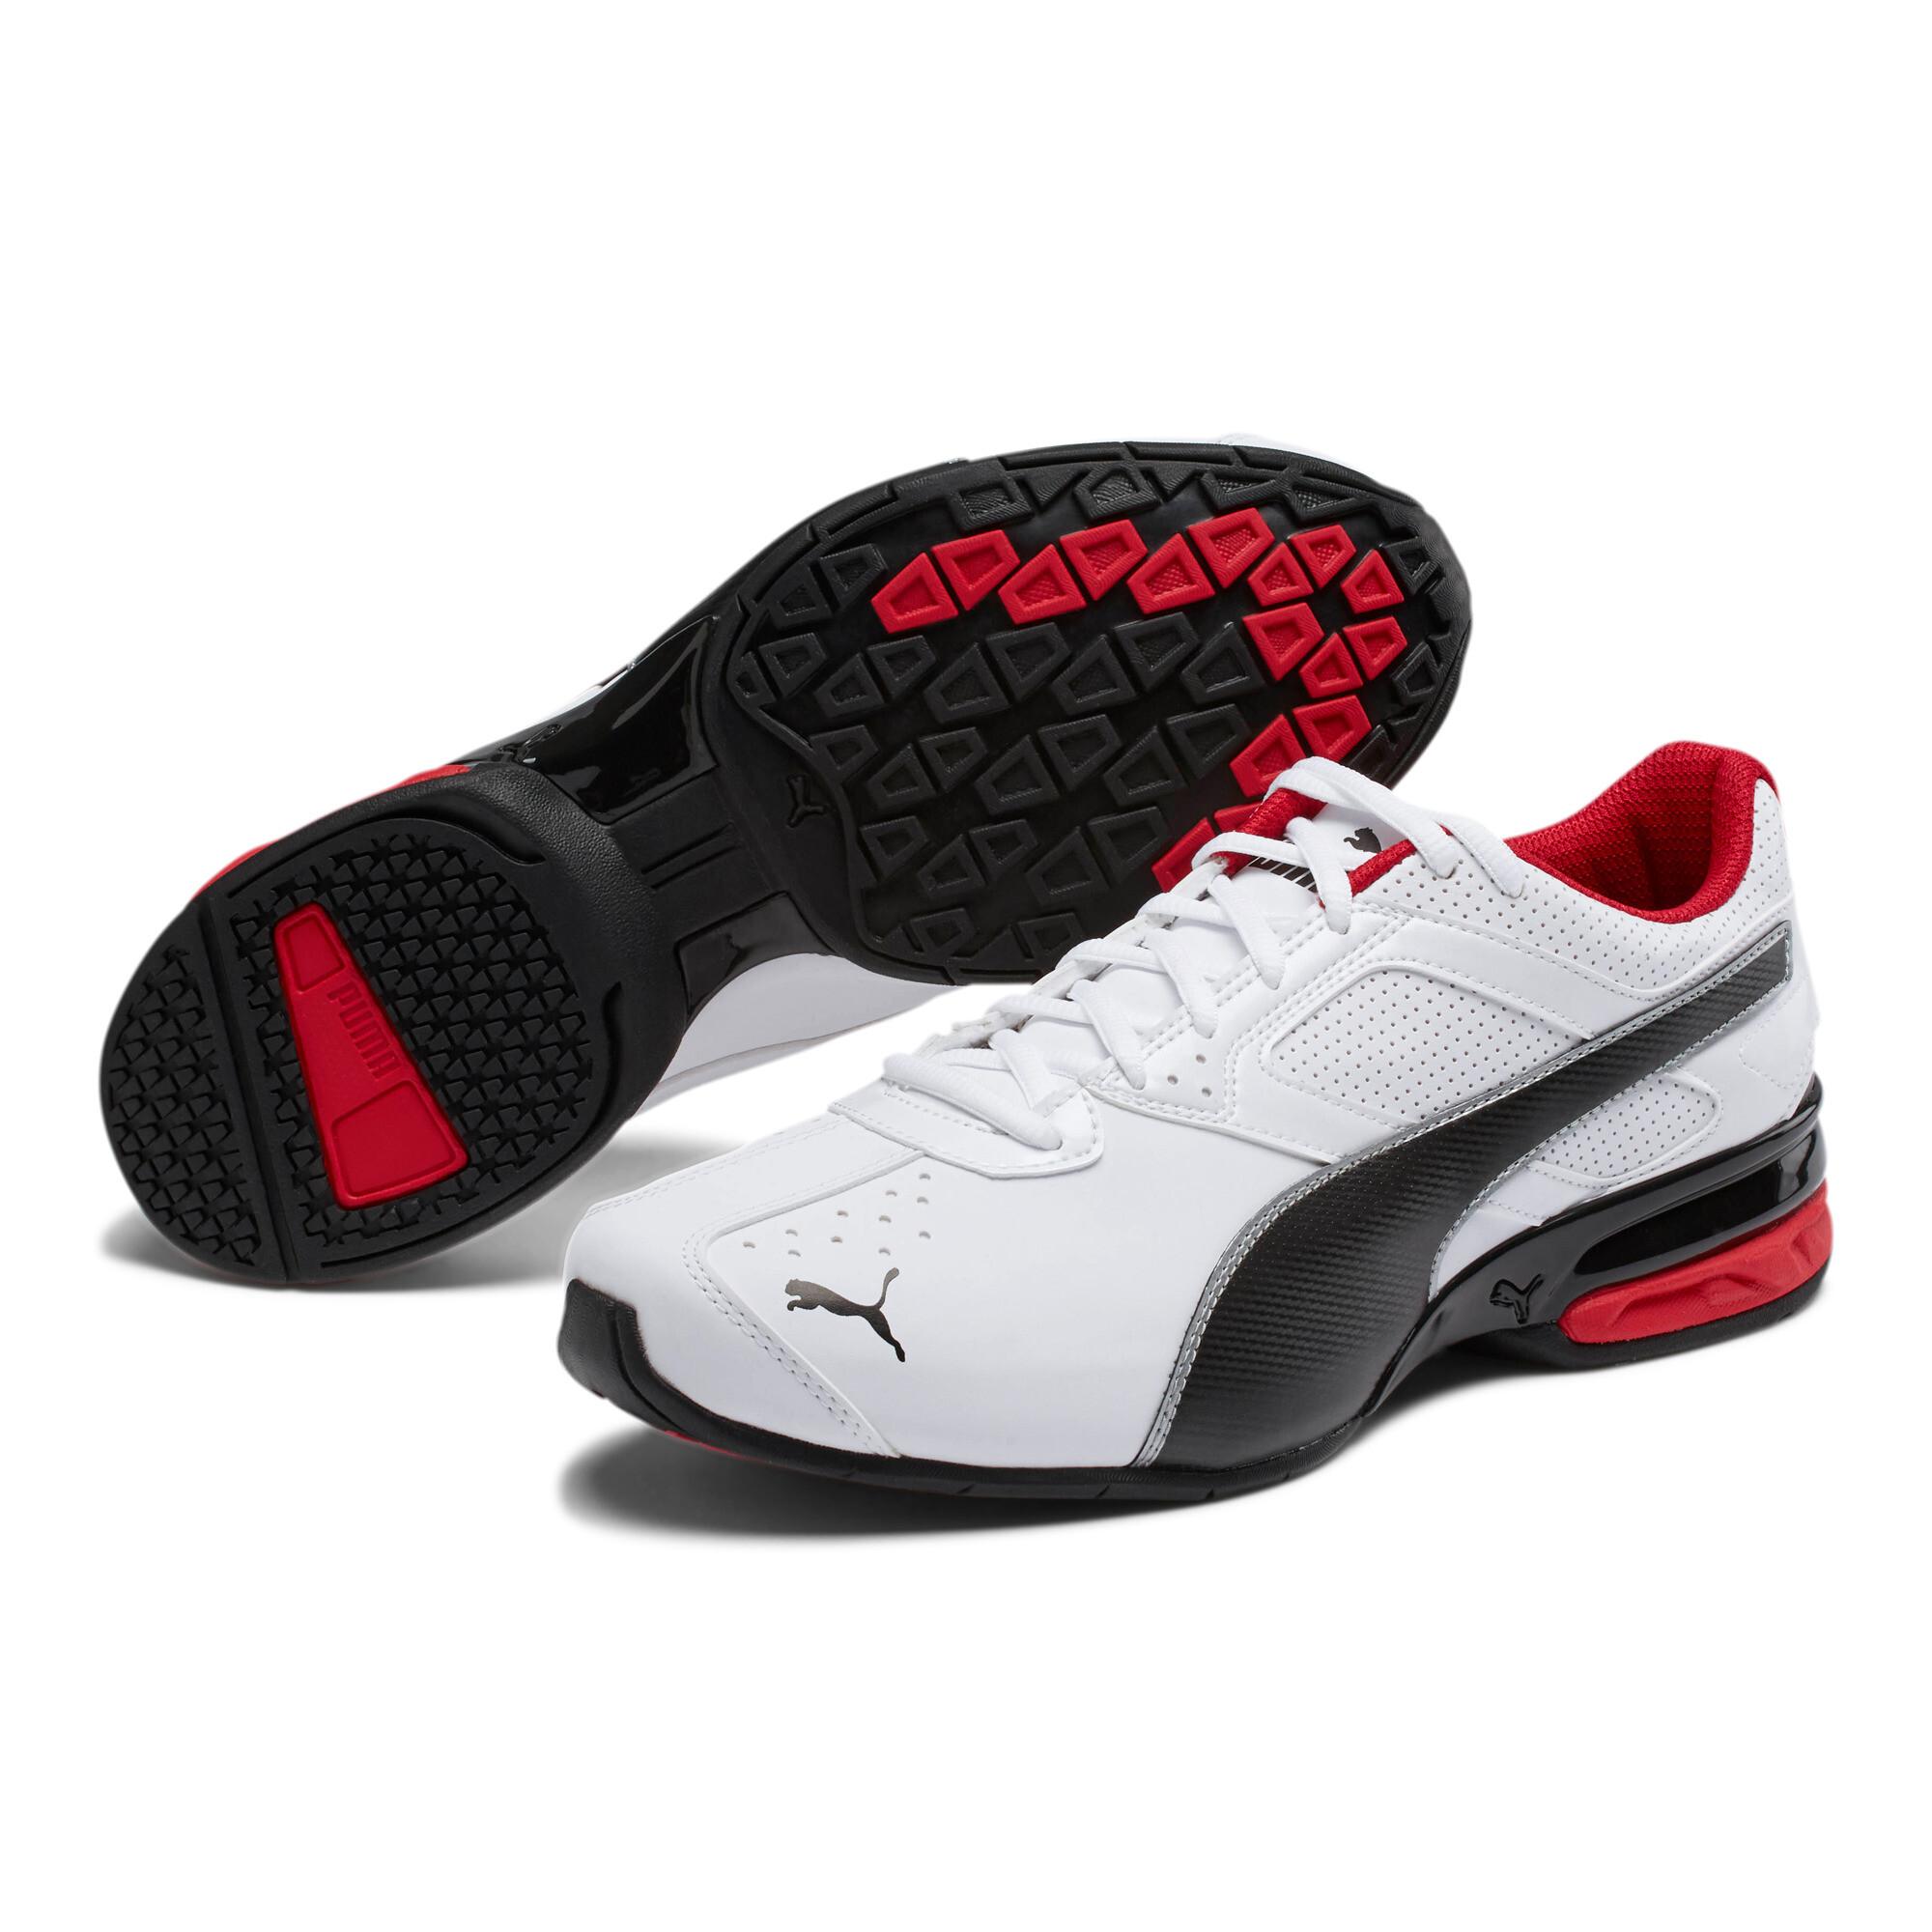 PUMA-Tazon-6-FM-Men-039-s-Sneakers-Men-Shoe-Running thumbnail 33